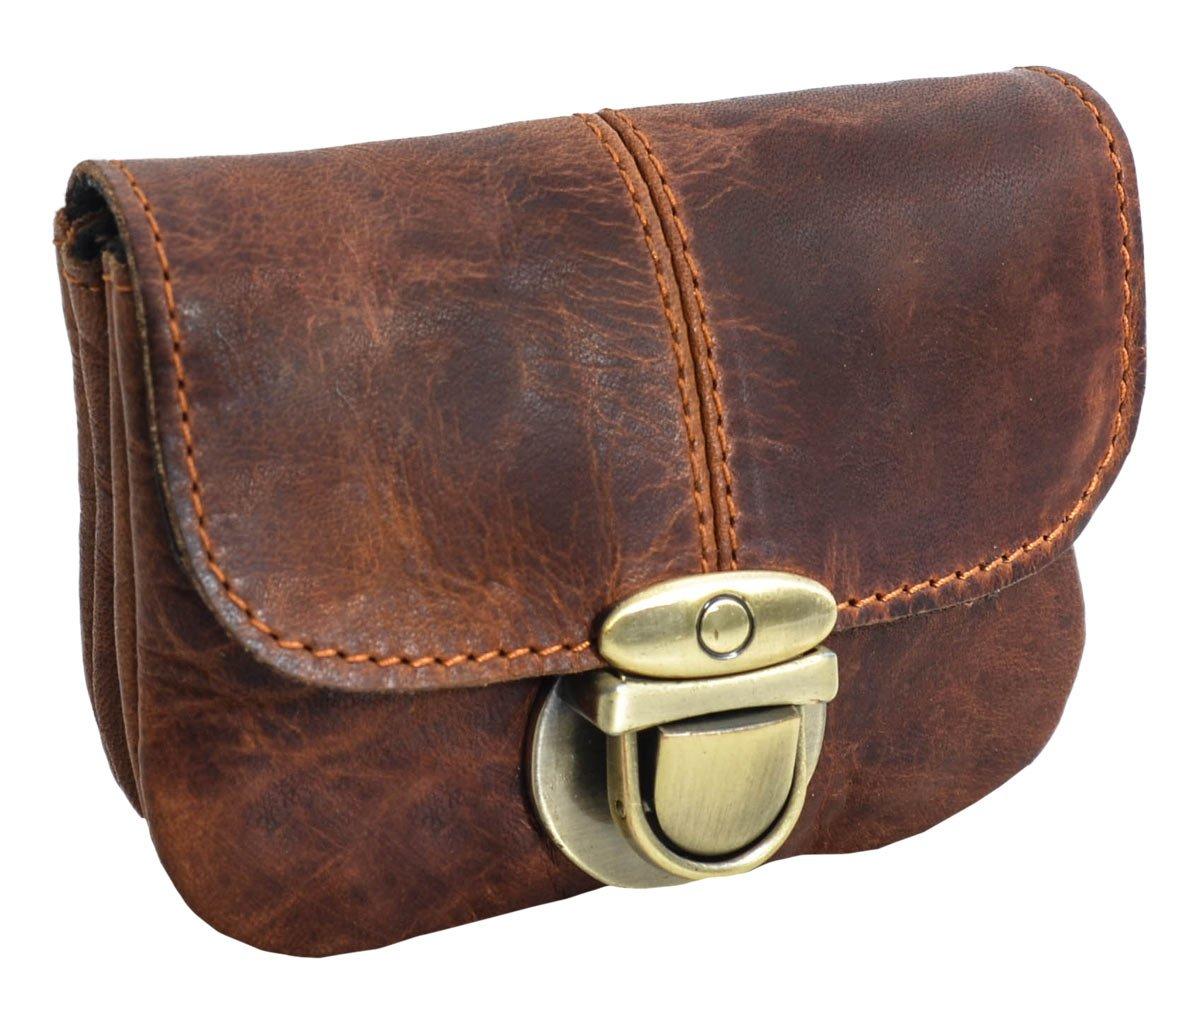 Marsupio di Gusti Leder studio Chapal borsa a vita borsetta vacanza sport vintage marrone 2G40-48-2